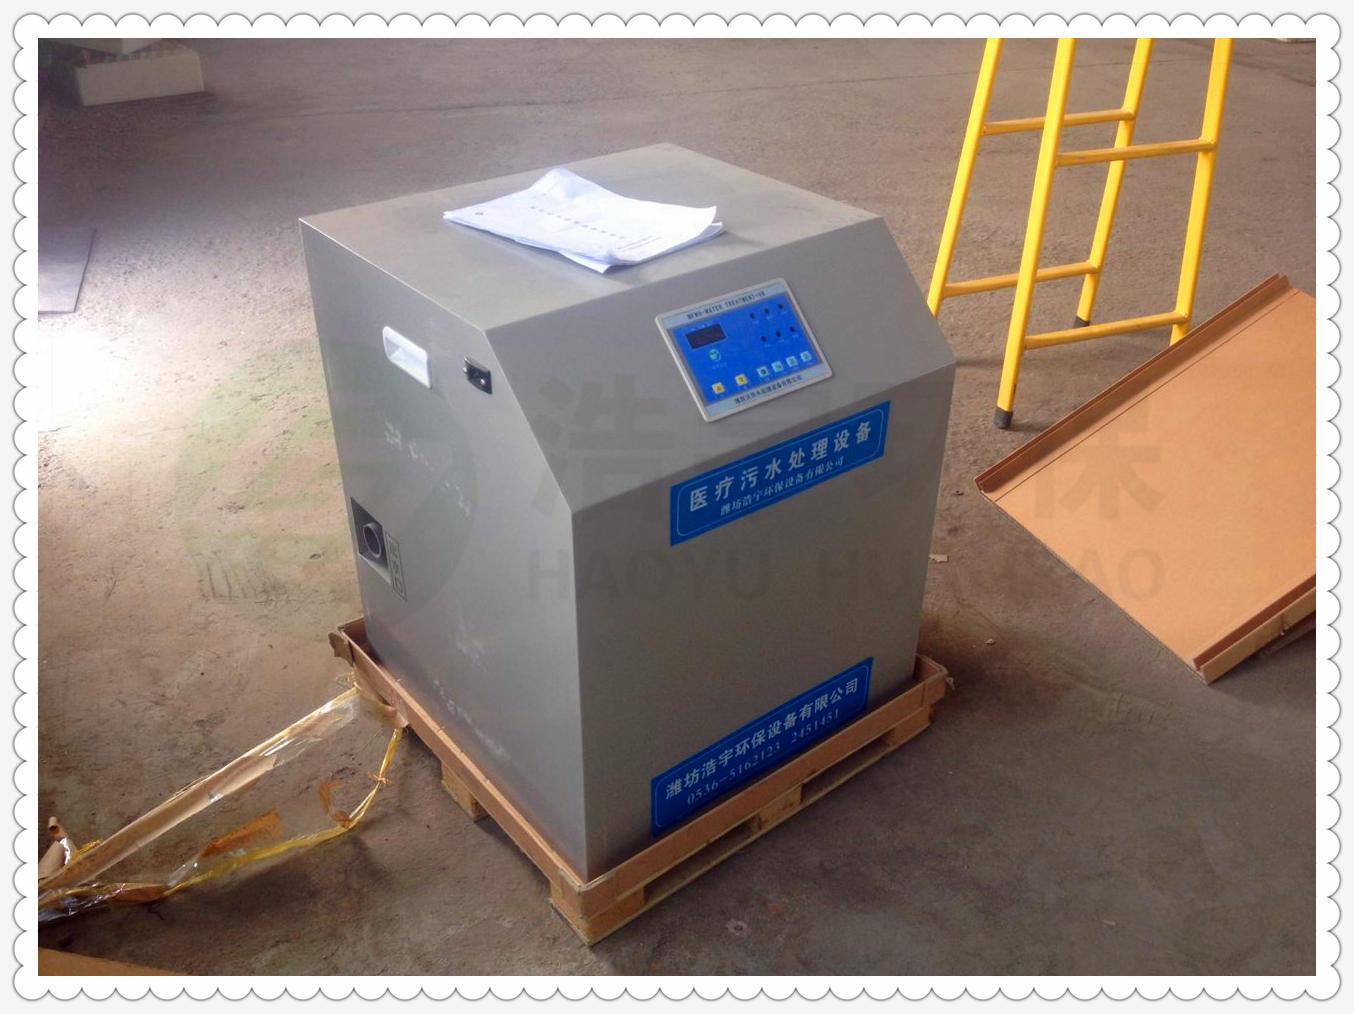 寵物醫院污水處理設備 <br> 全新  價格:7500 <br> <img src=http://k.kqzp.cn/img/up/img/5d70aa20af87f.jpg